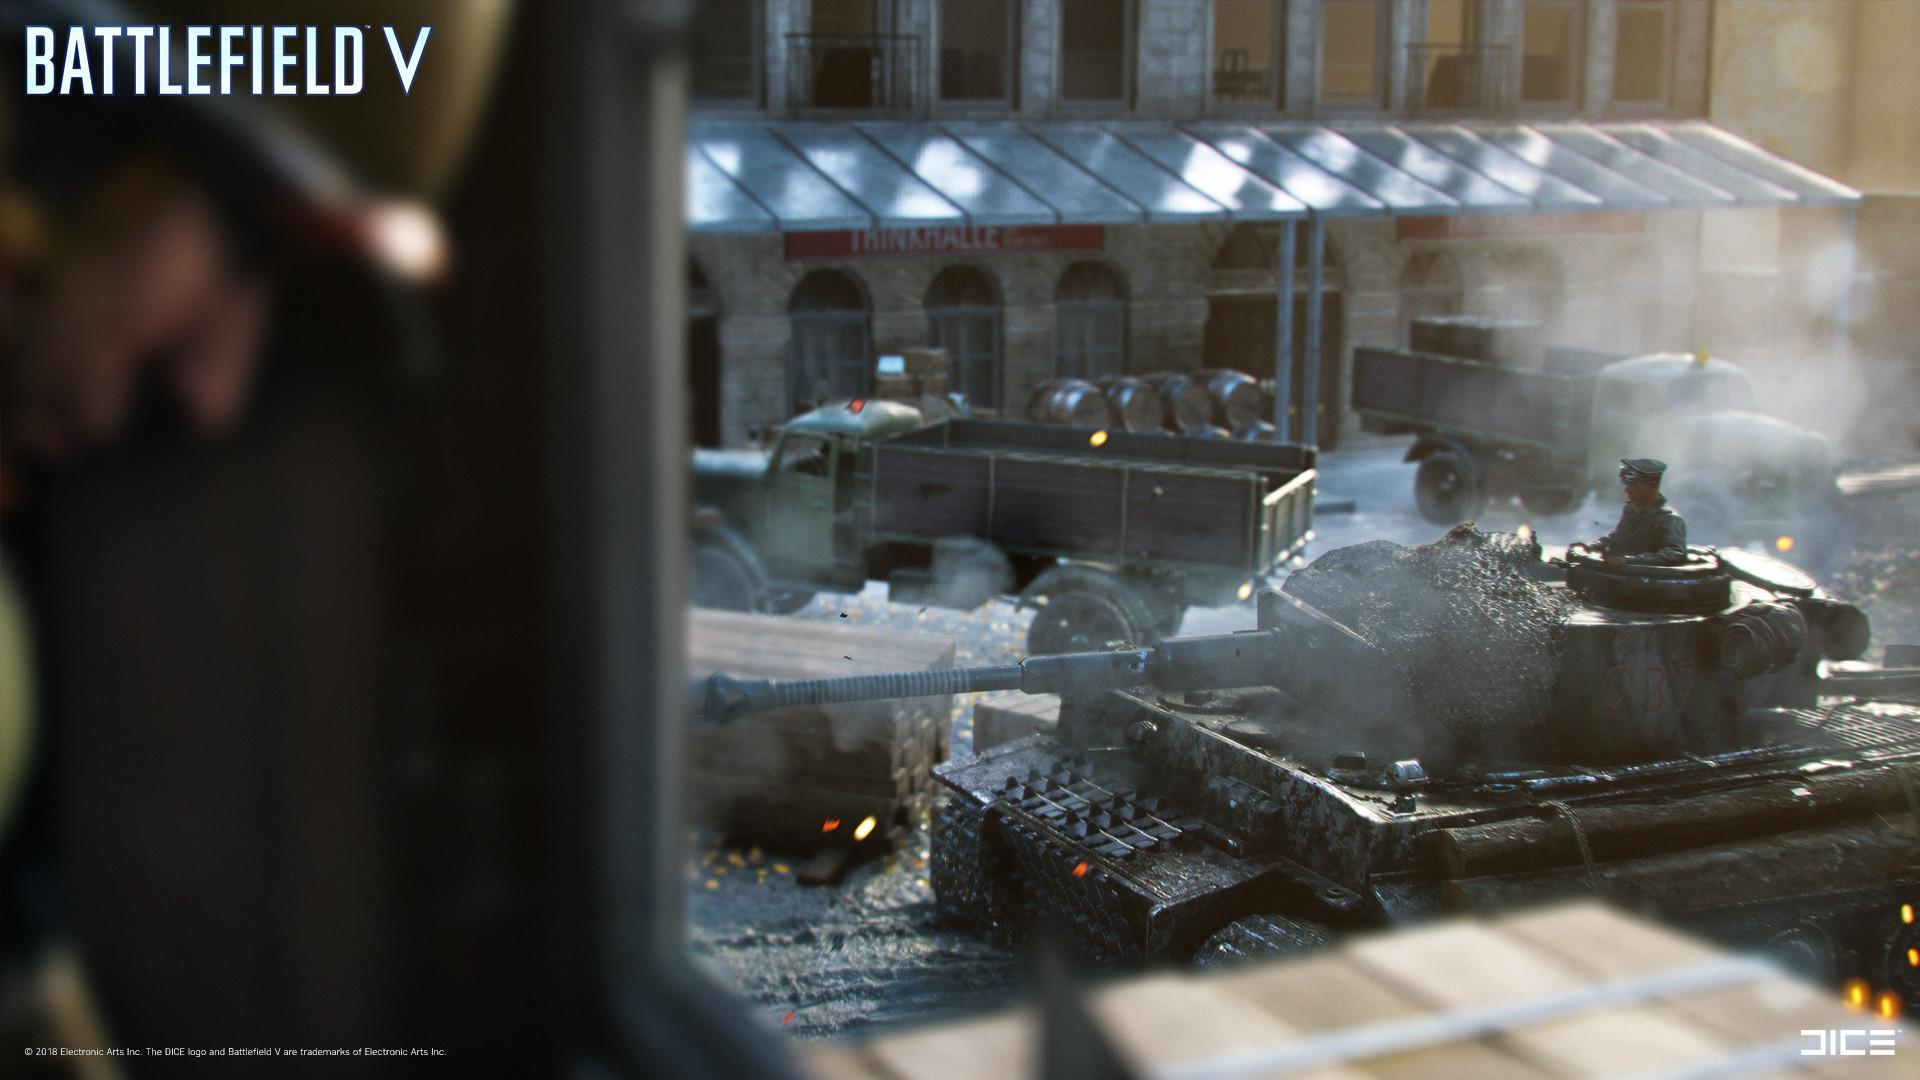 ArtStation - Battlefield V - The Last Tiger, Alexander Samuelsson